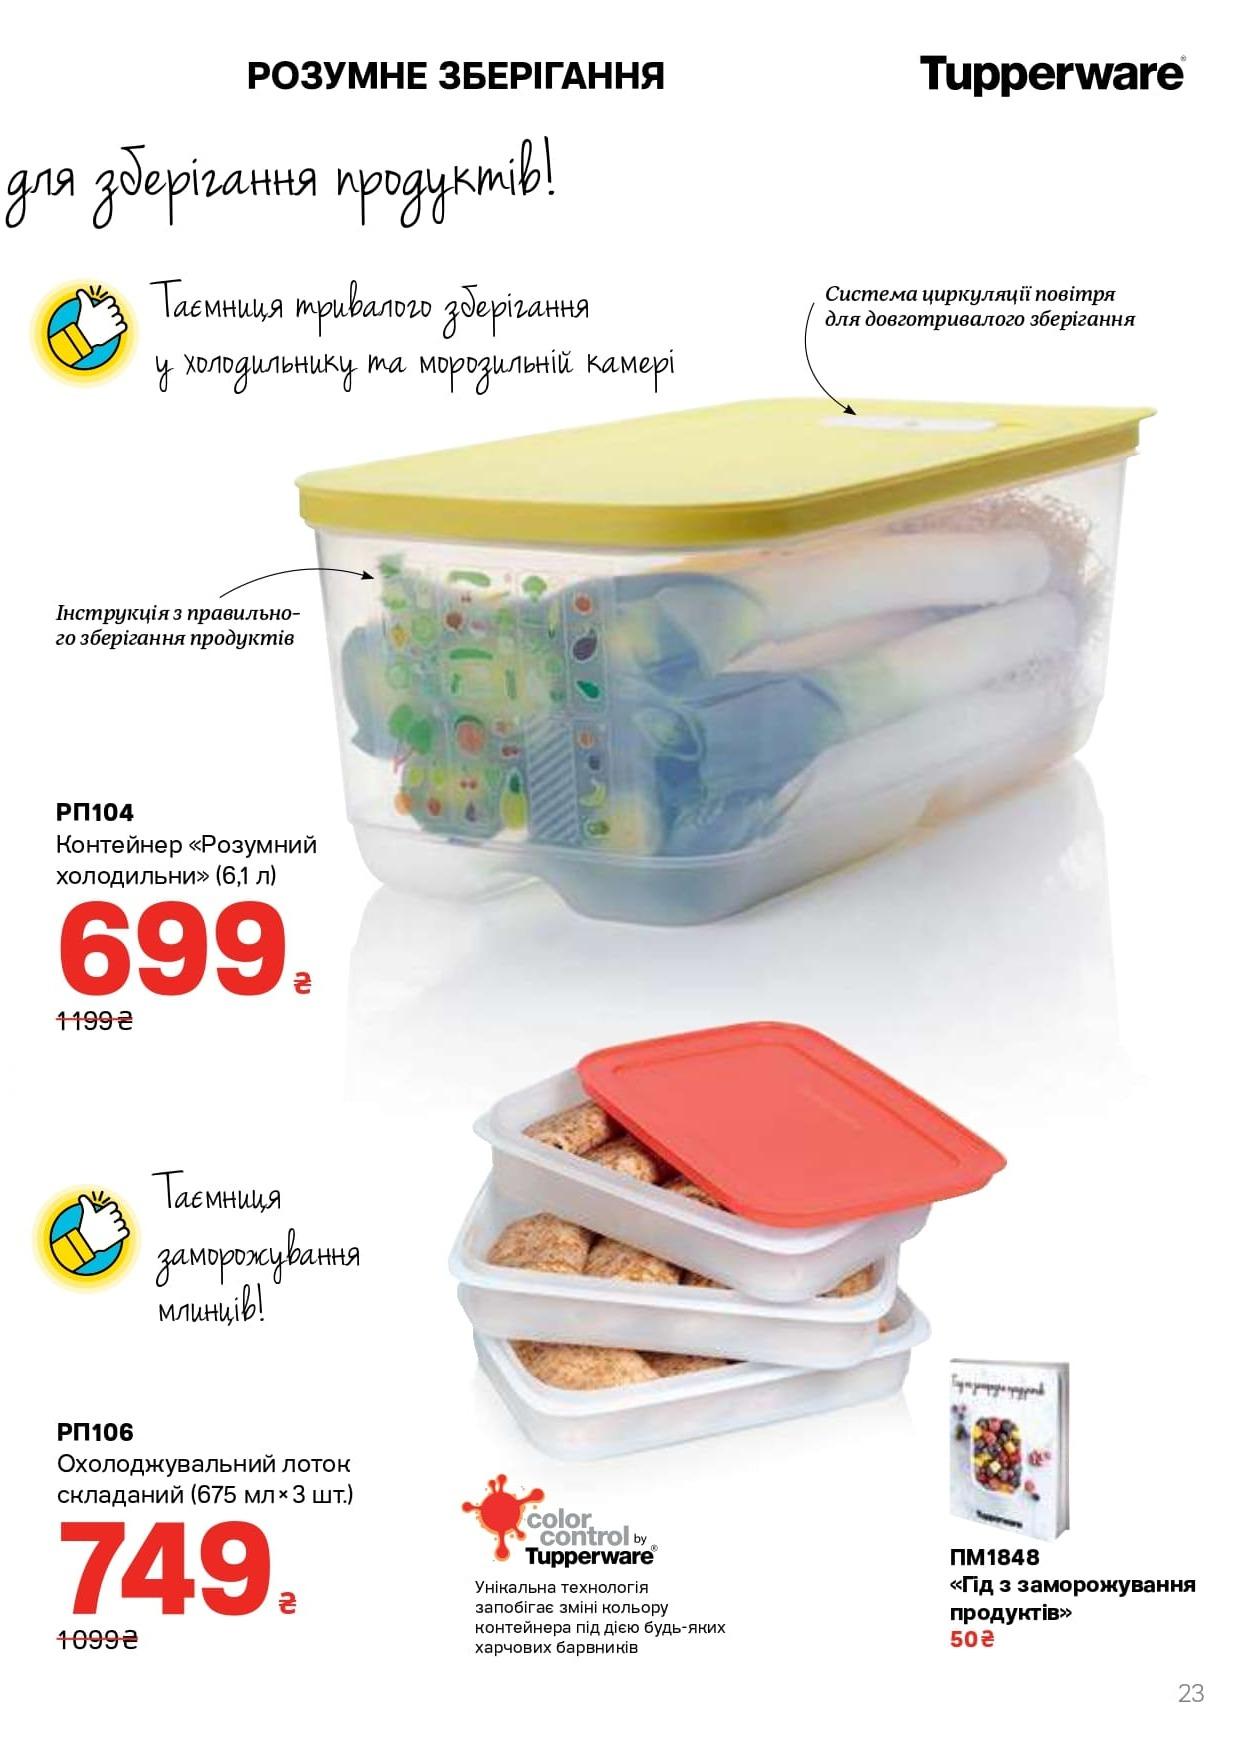 Скидка от Tupperware 42% на УМНЫЙ ХОЛОДИЛЬНИК 6,1 литра, цена 699,00 грн.